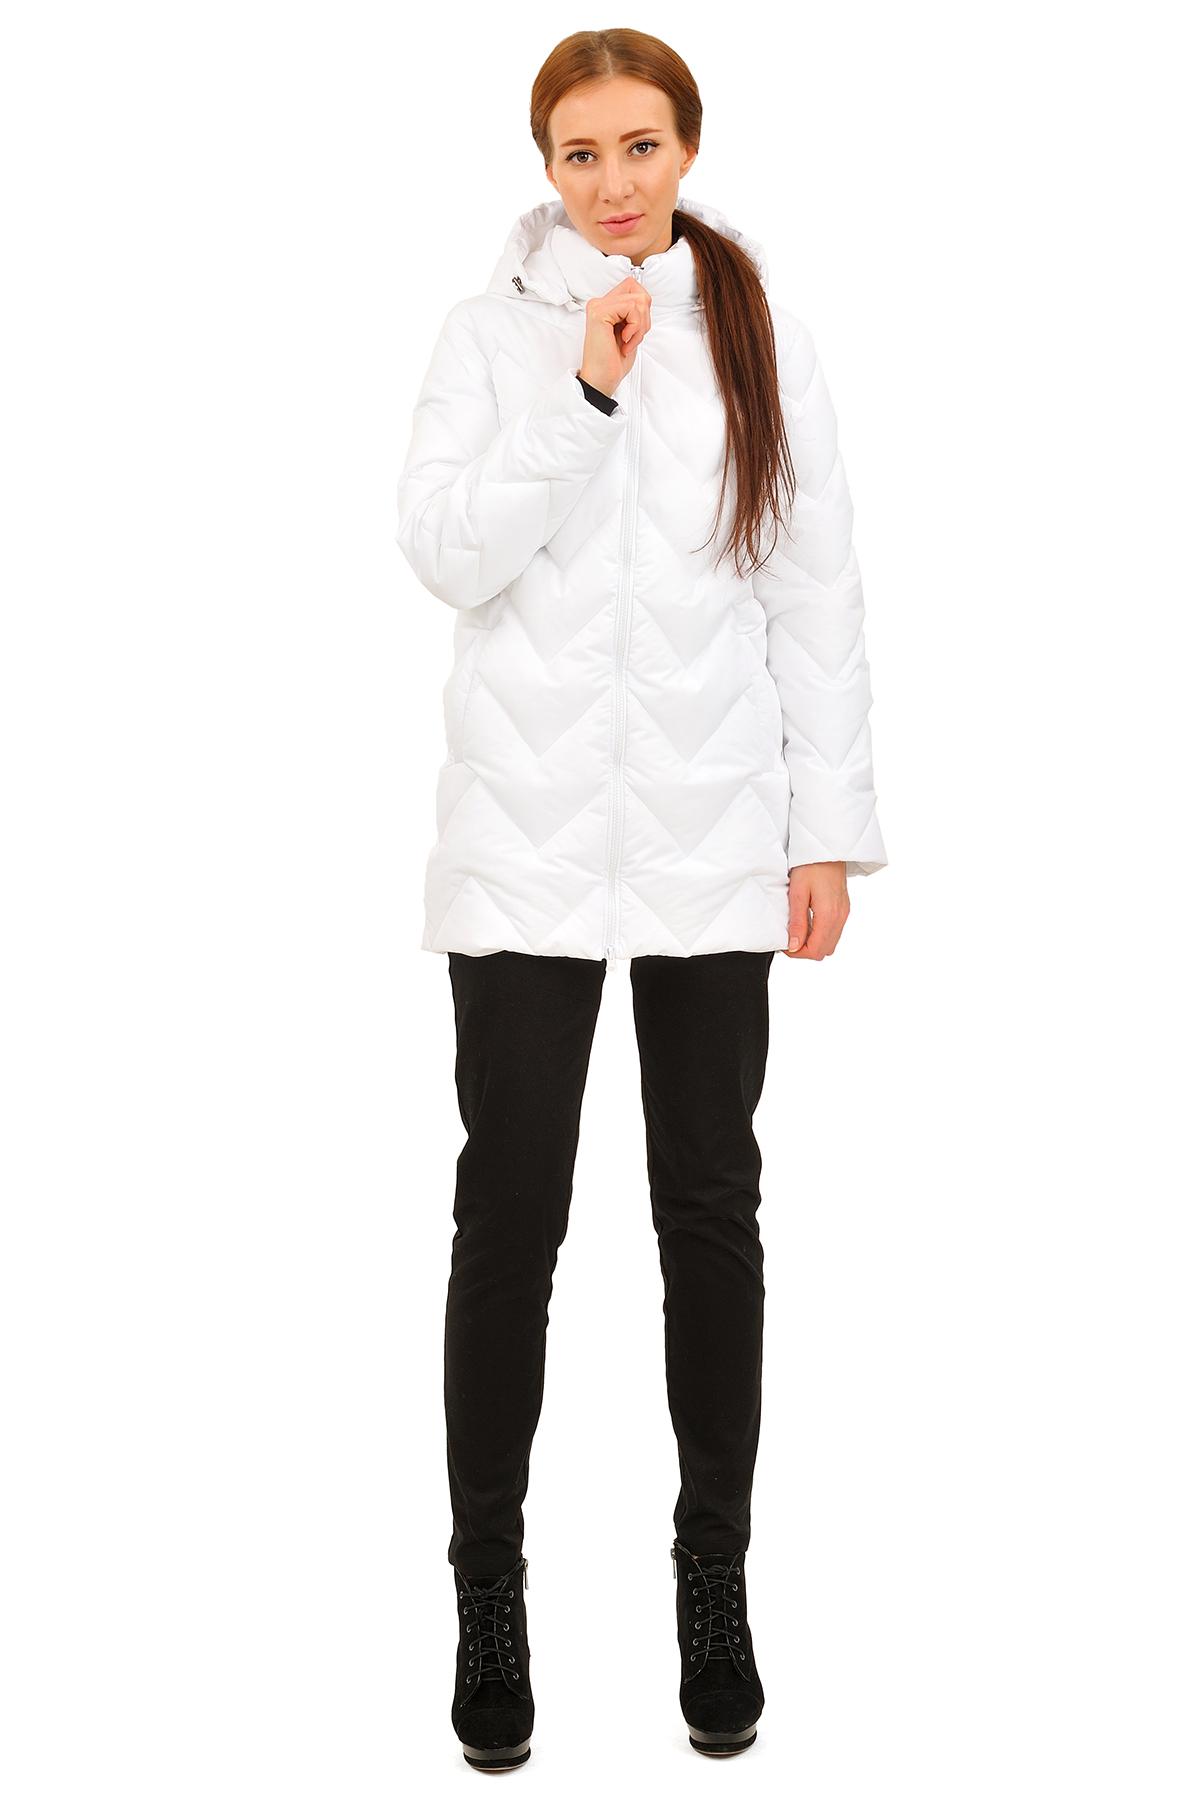 ПуховикЗимние куртки, пальто, пуховики<br>Стильный пуховик с  удобной застежкой на молнию. Утеплитель пуховика выполнен из высококачественного  российского гусиного пуха. Замечательный вабор для ценителей комфорта и  качества.<br><br>Цвет: белый<br>Состав: 50% хлопок; 50% нейлон утеплитель: синтепух<br>Размер: 48,50<br>Страна дизайна: Россия<br>Страна производства: Россия